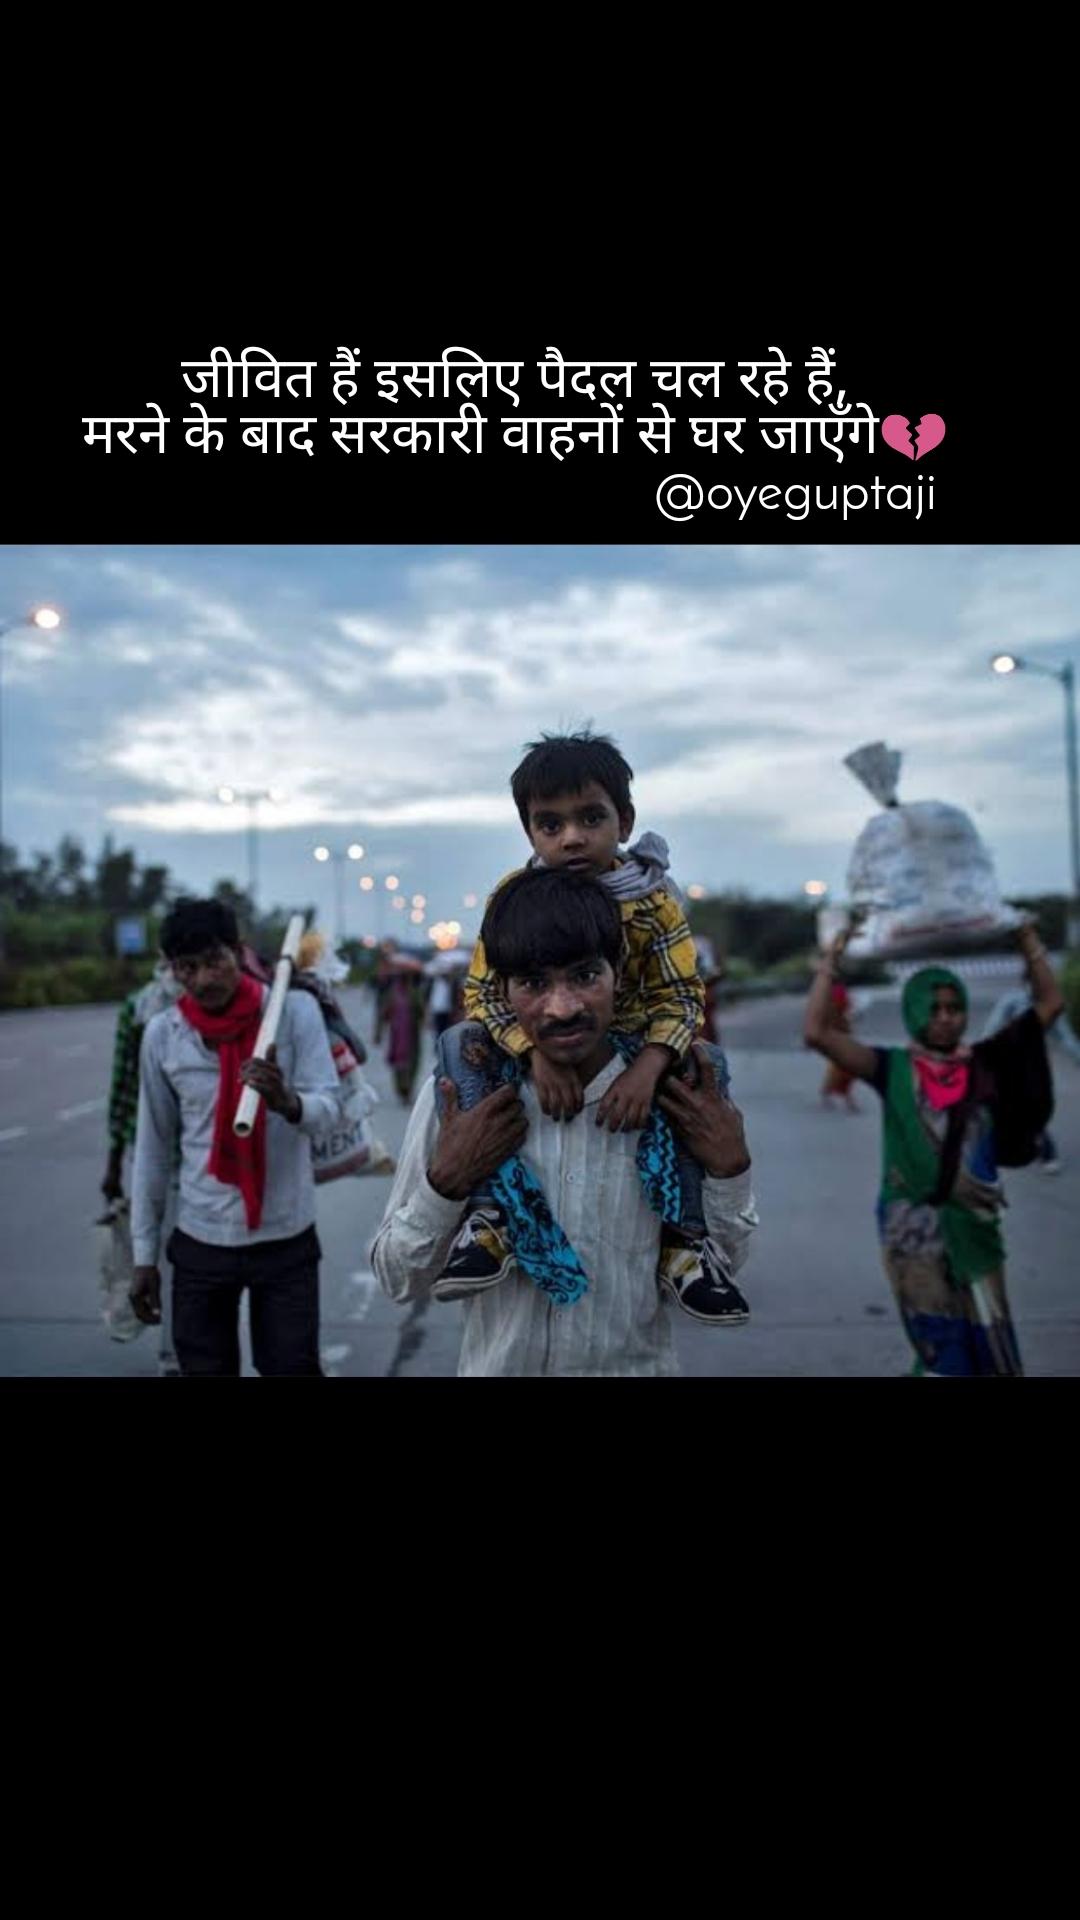 जीवित हैं इसलिए पैदल चल रहे हैं, मरने के बाद सरकारी वाहनों से घर जाएँगे💔                                         @oyeguptaji